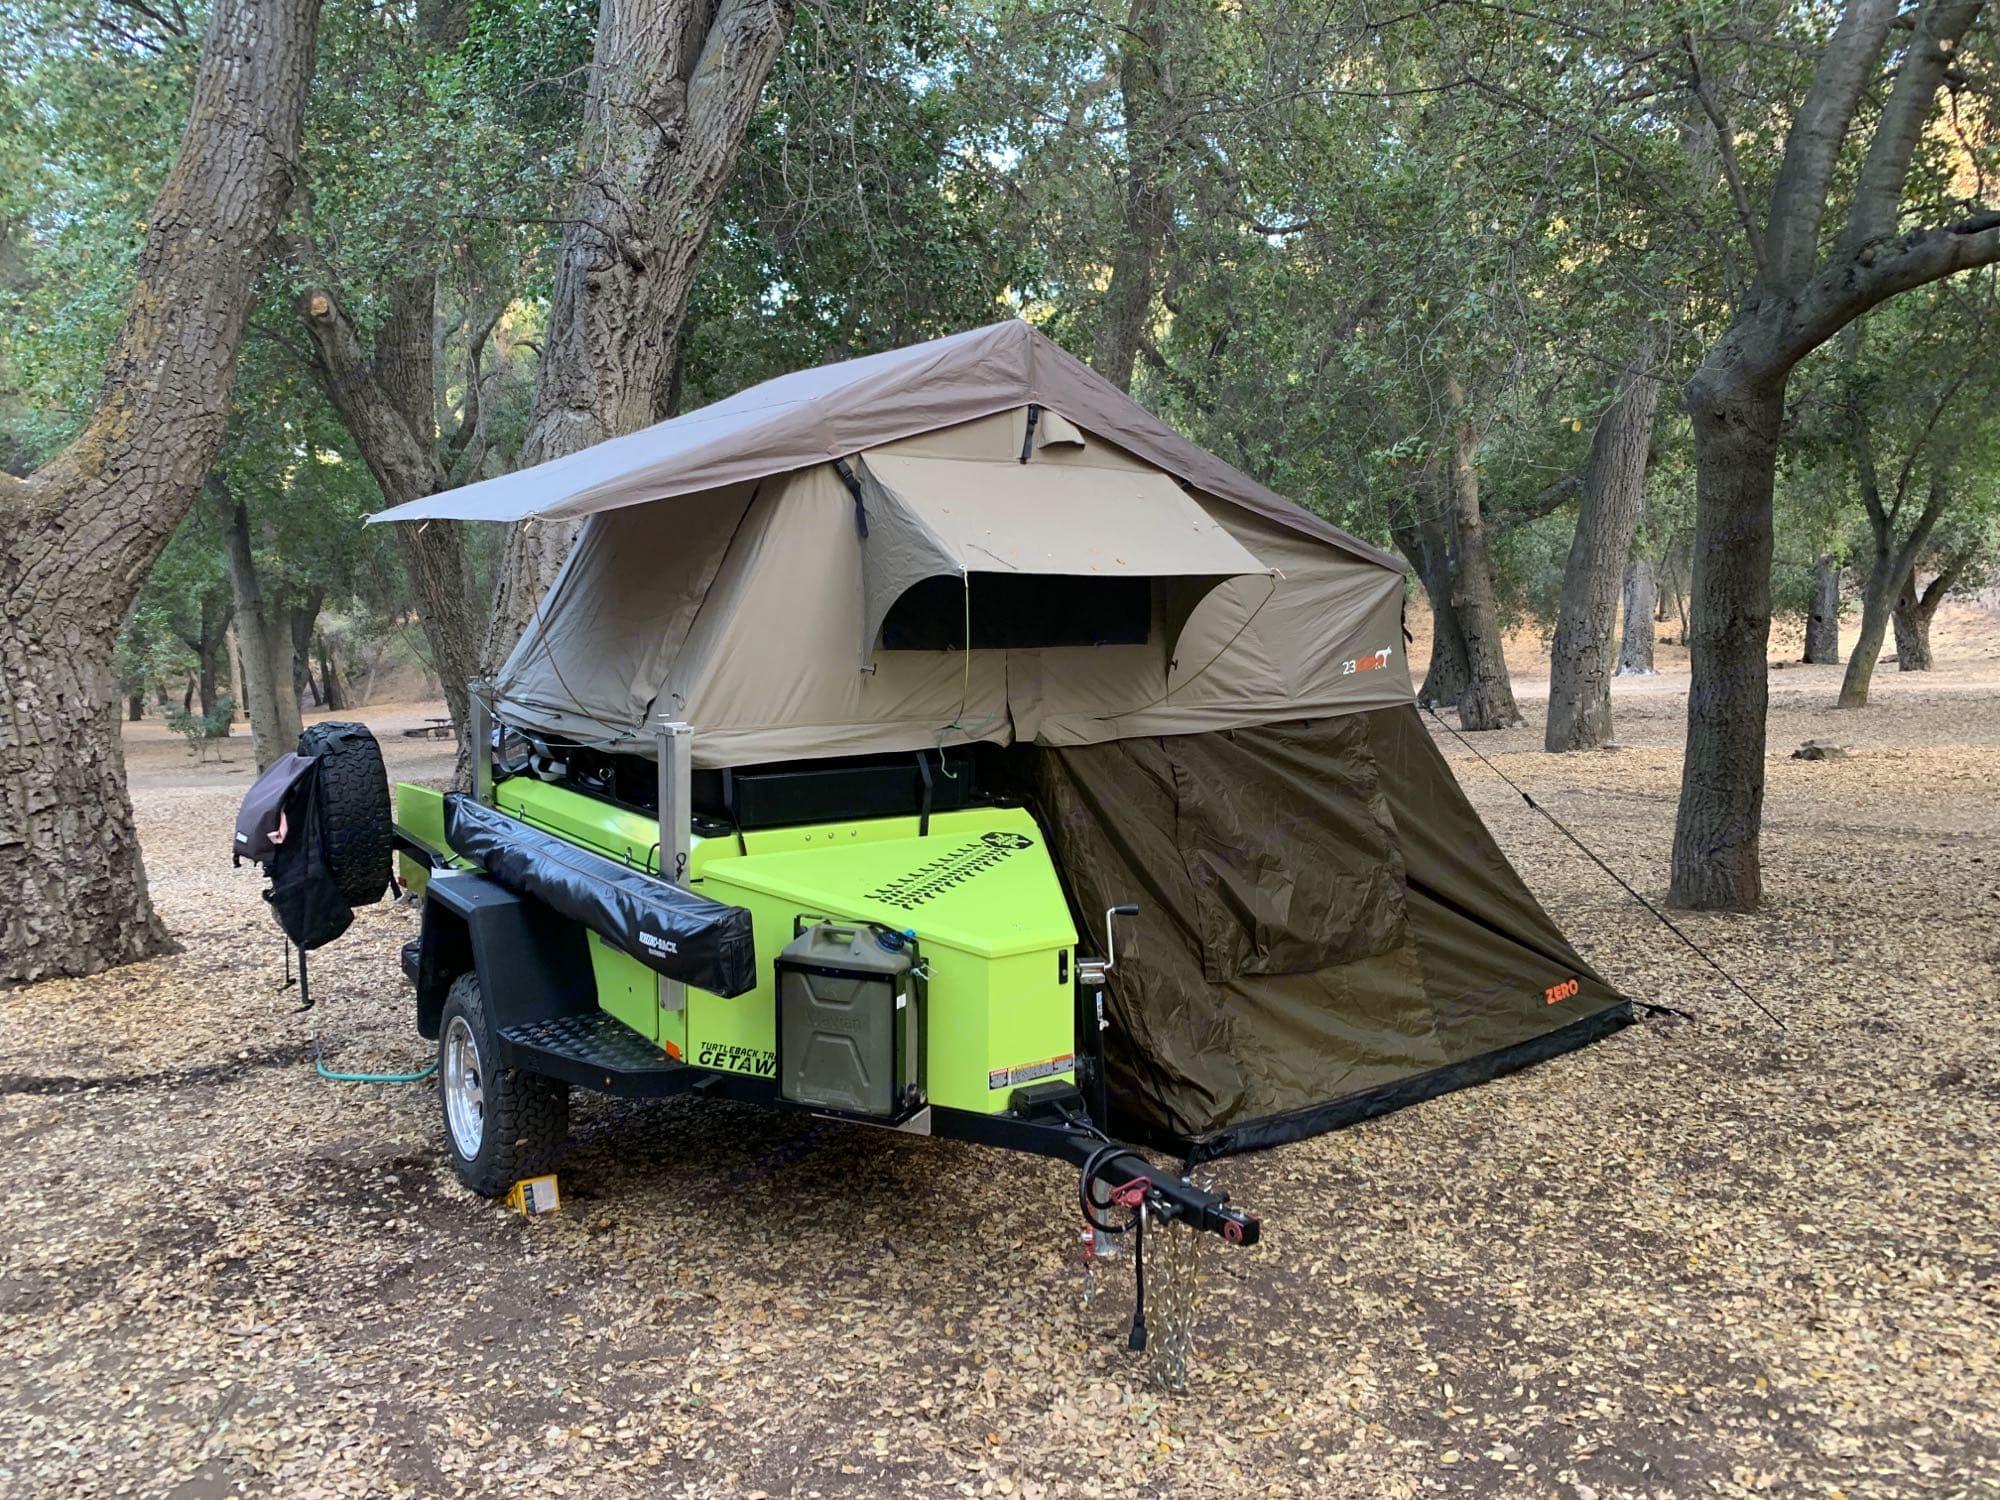 Awning not deployed but annex installed. Turtleback Getaway 2019